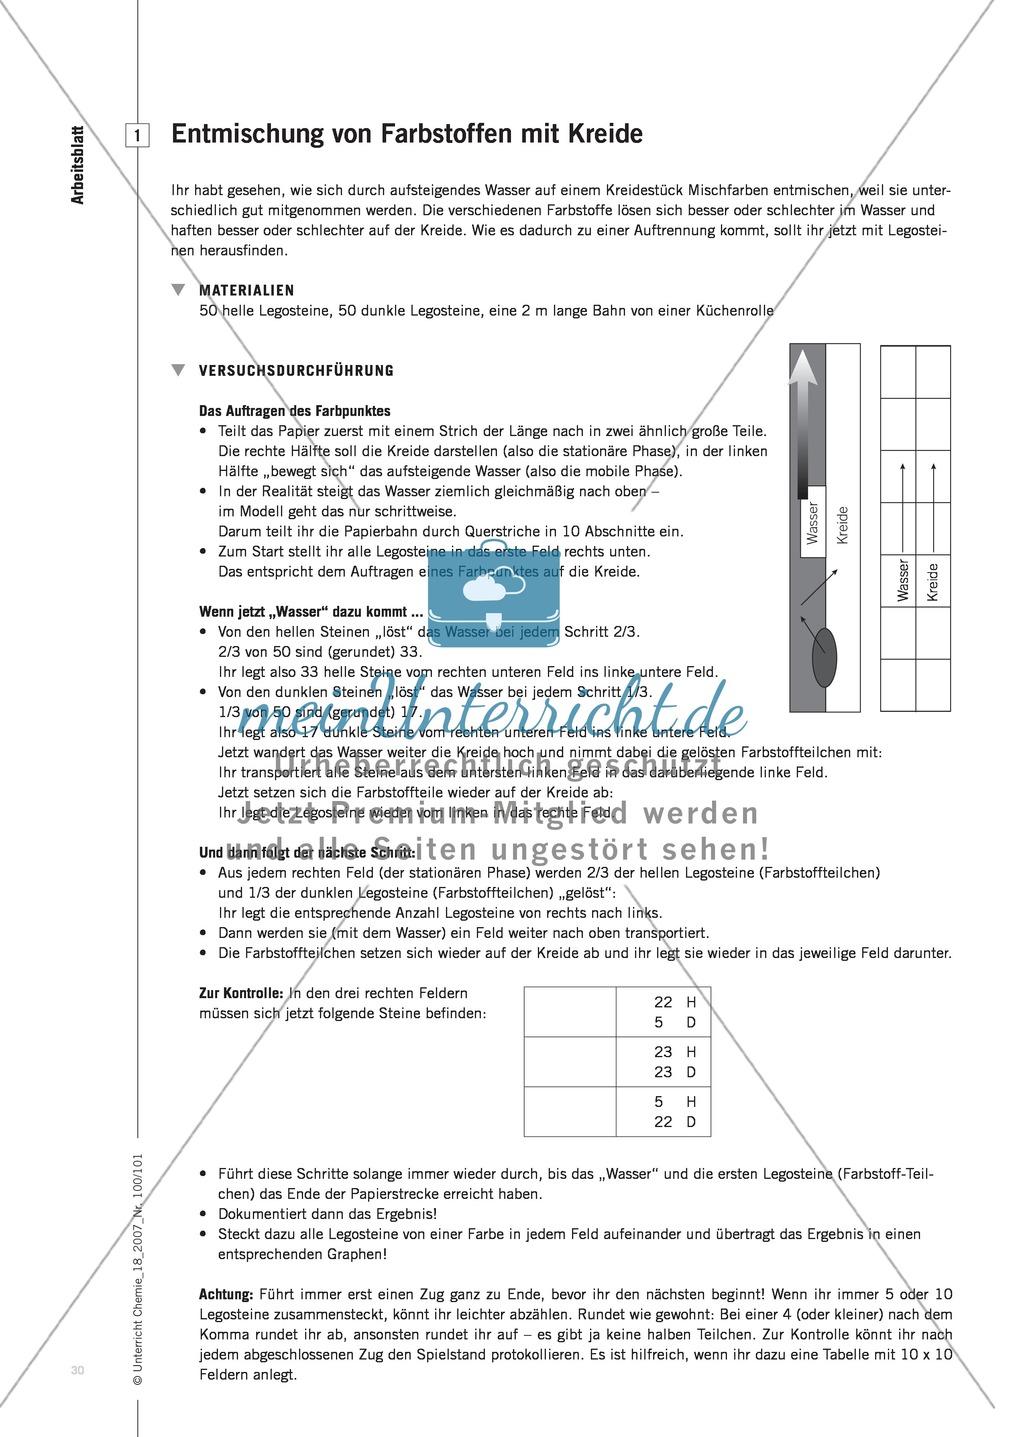 Modellieren: Legosteine und Teilchenkonzept - Kreidechromatographie + Gesetz der konstanten Proportionen + Zellatmung Preview 2